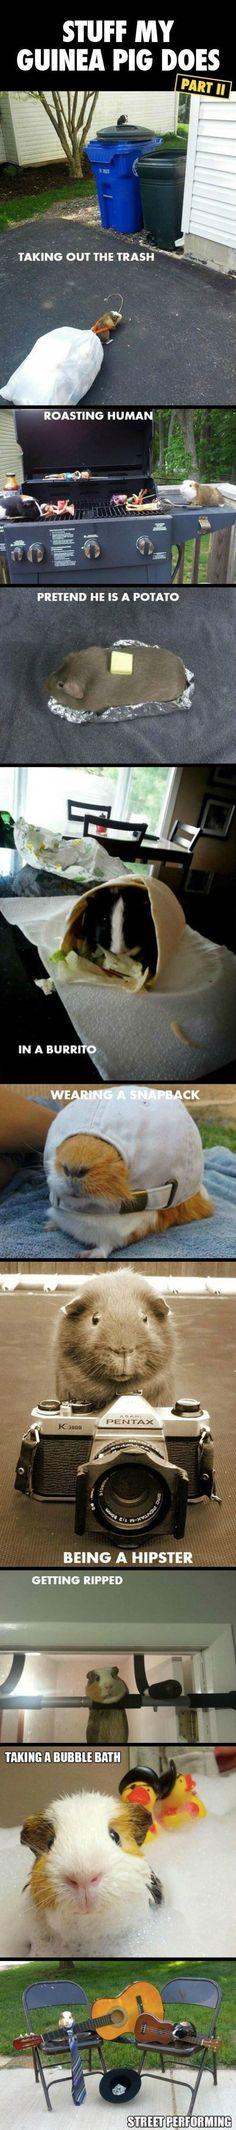 Stuff My Guinea Pig Does - www.meme-lol.com